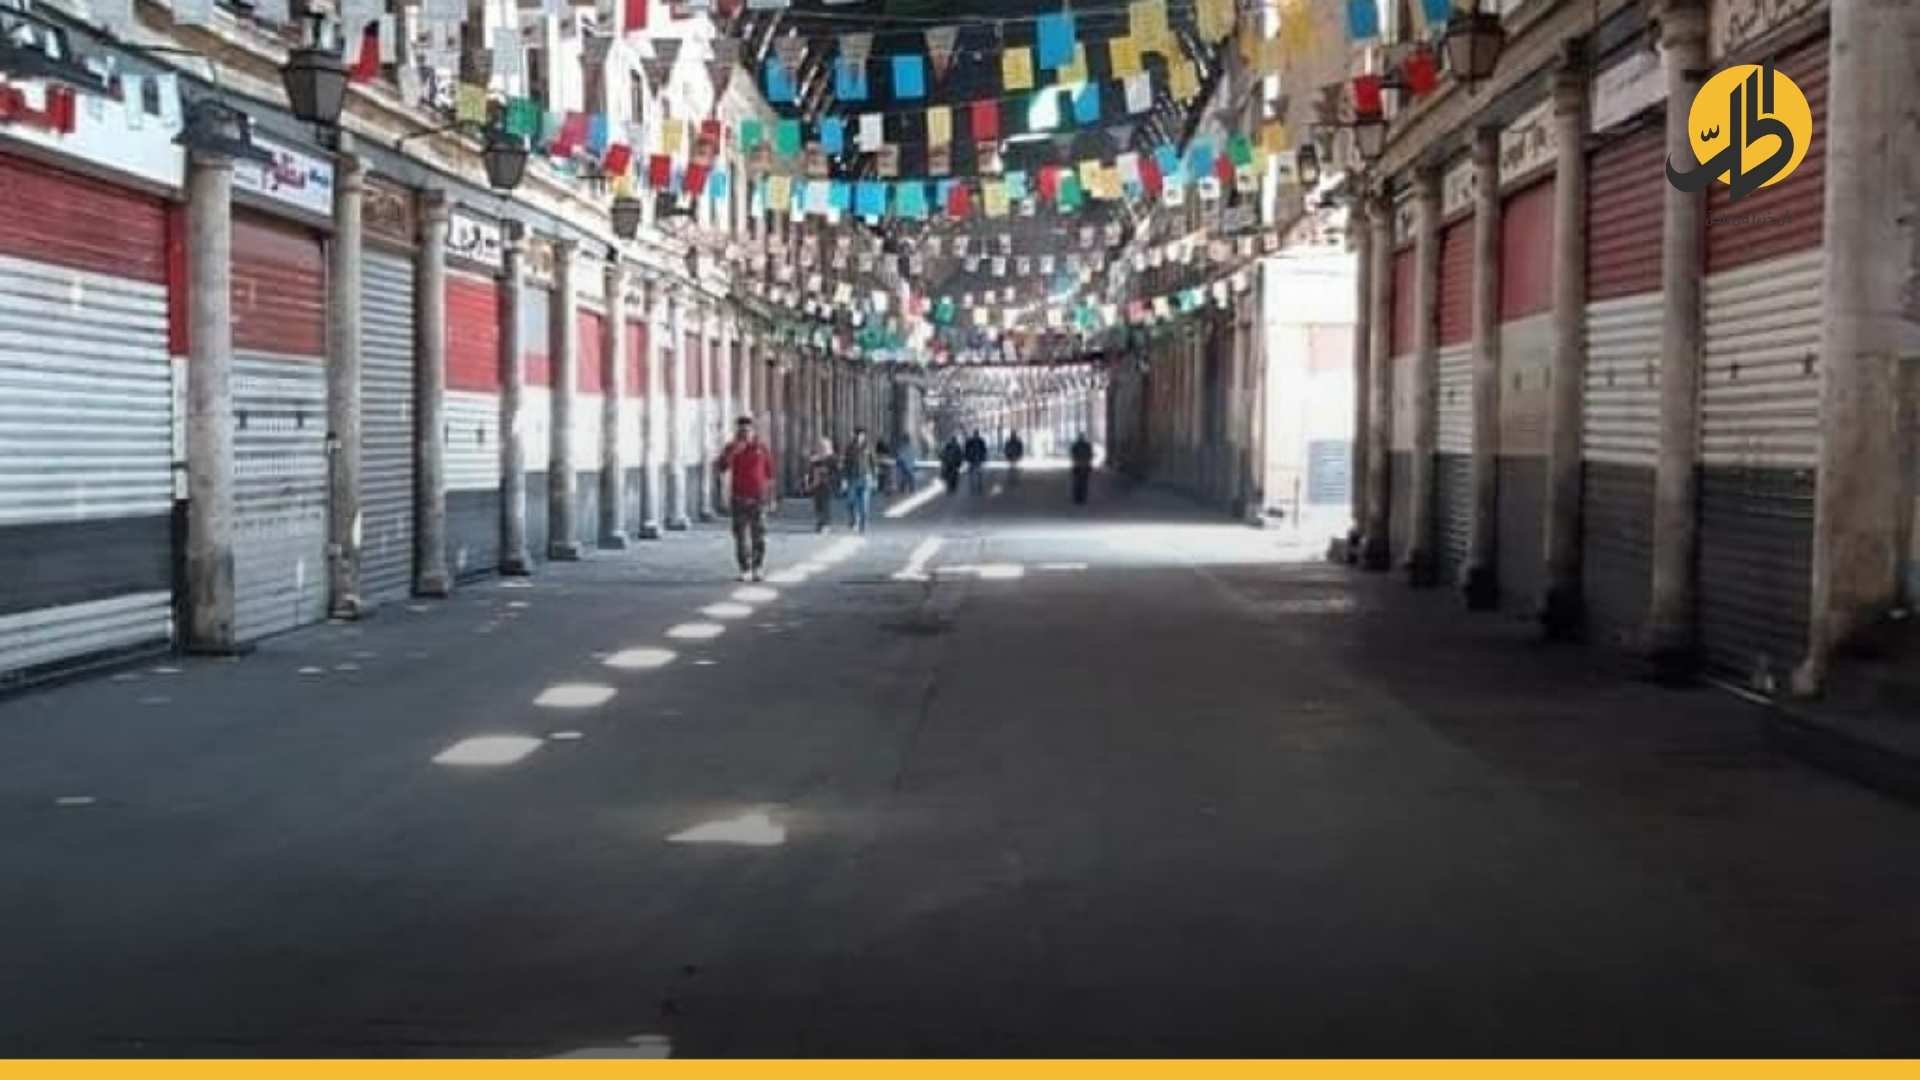 قبيل عيد الفطر بساعات.. شوارع دمشق شبه خالية من المواطنين.. فما السبب؟